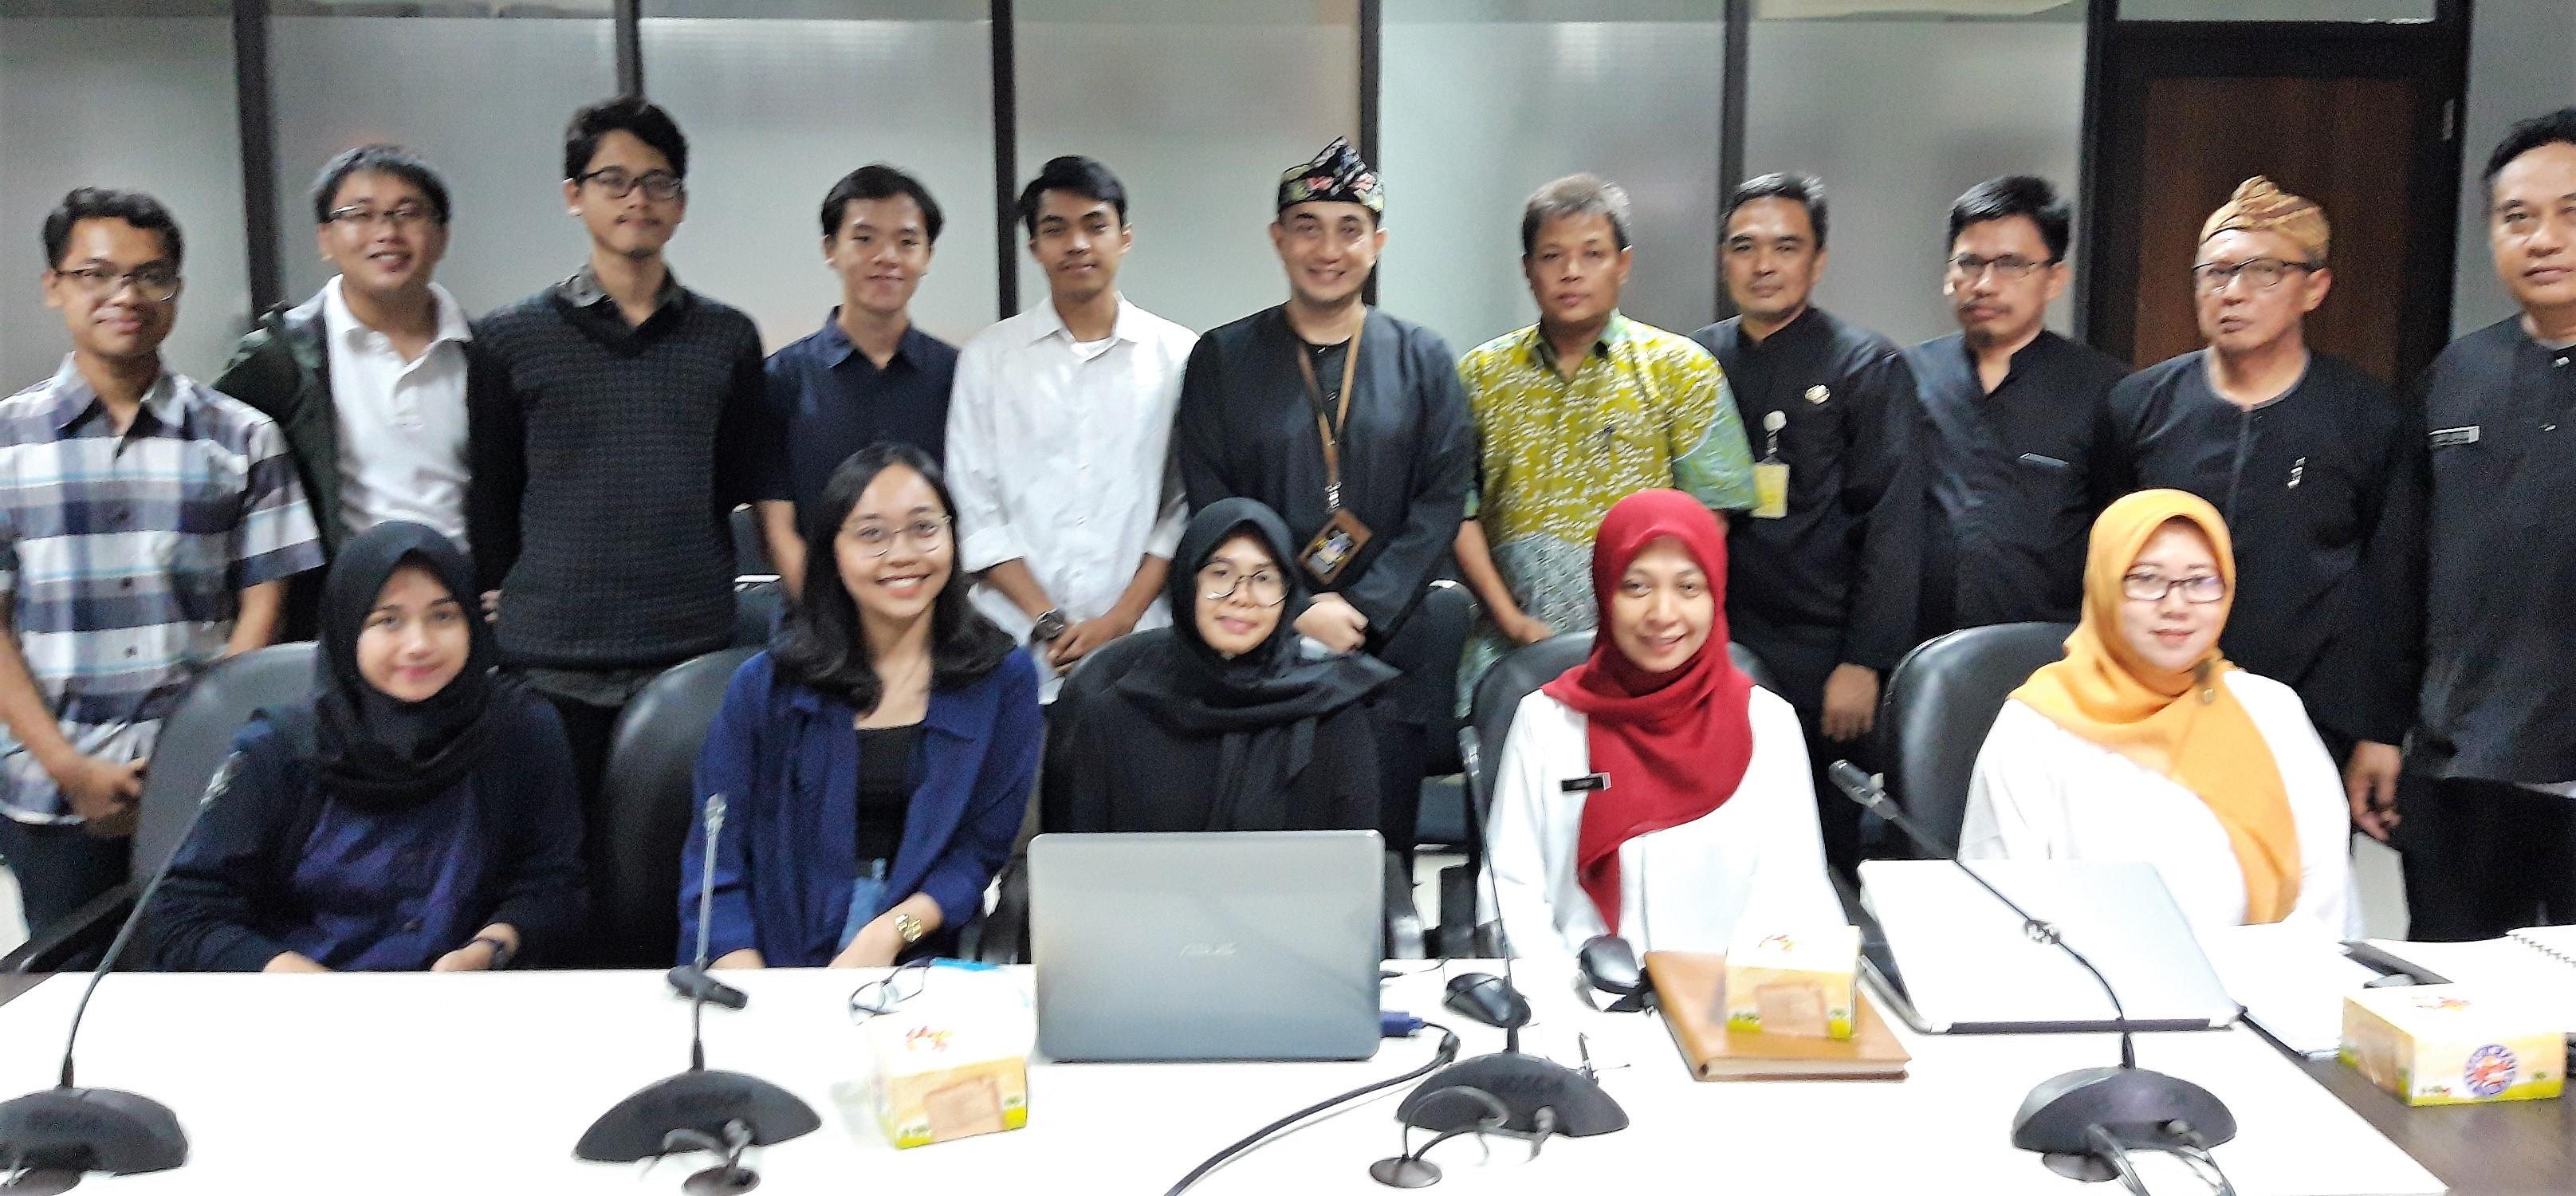 Presentasi Tugas Studio ke Pemerintah Kota Bandung